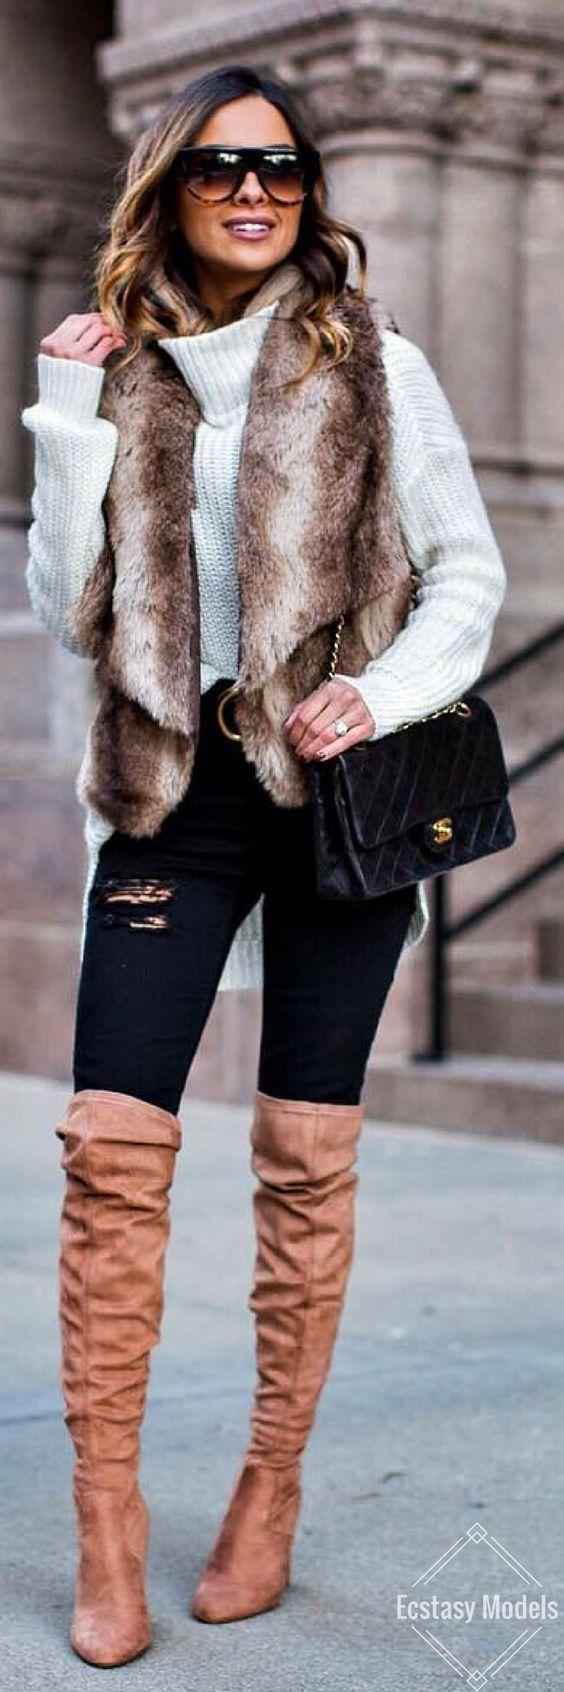 Winter Neutrals // Fashion Look by Maria Vizuete